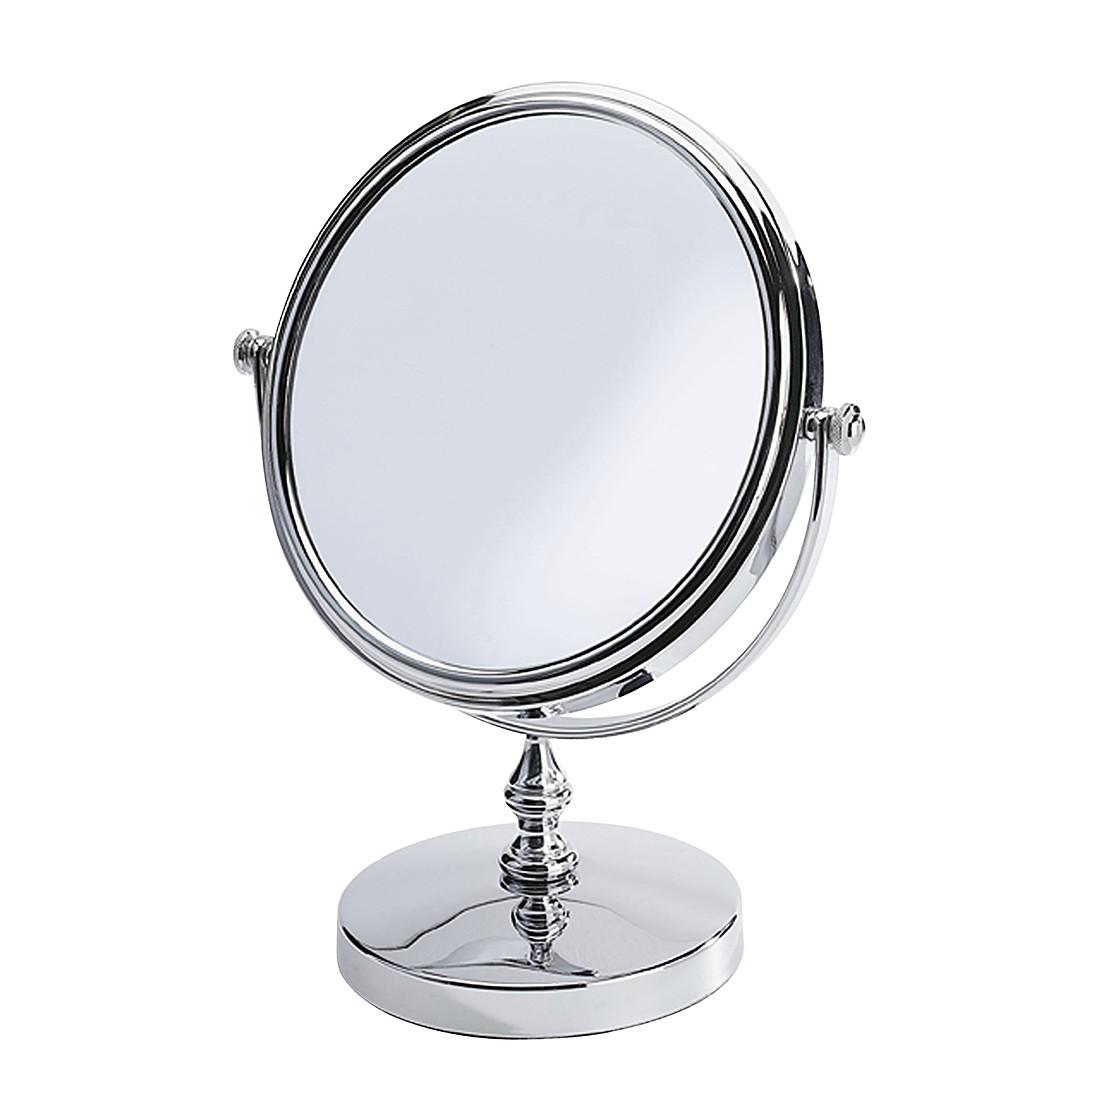 Kosmetikspiegel Romantic (3-fach Vergrößerung), WENKO günstig bestellen